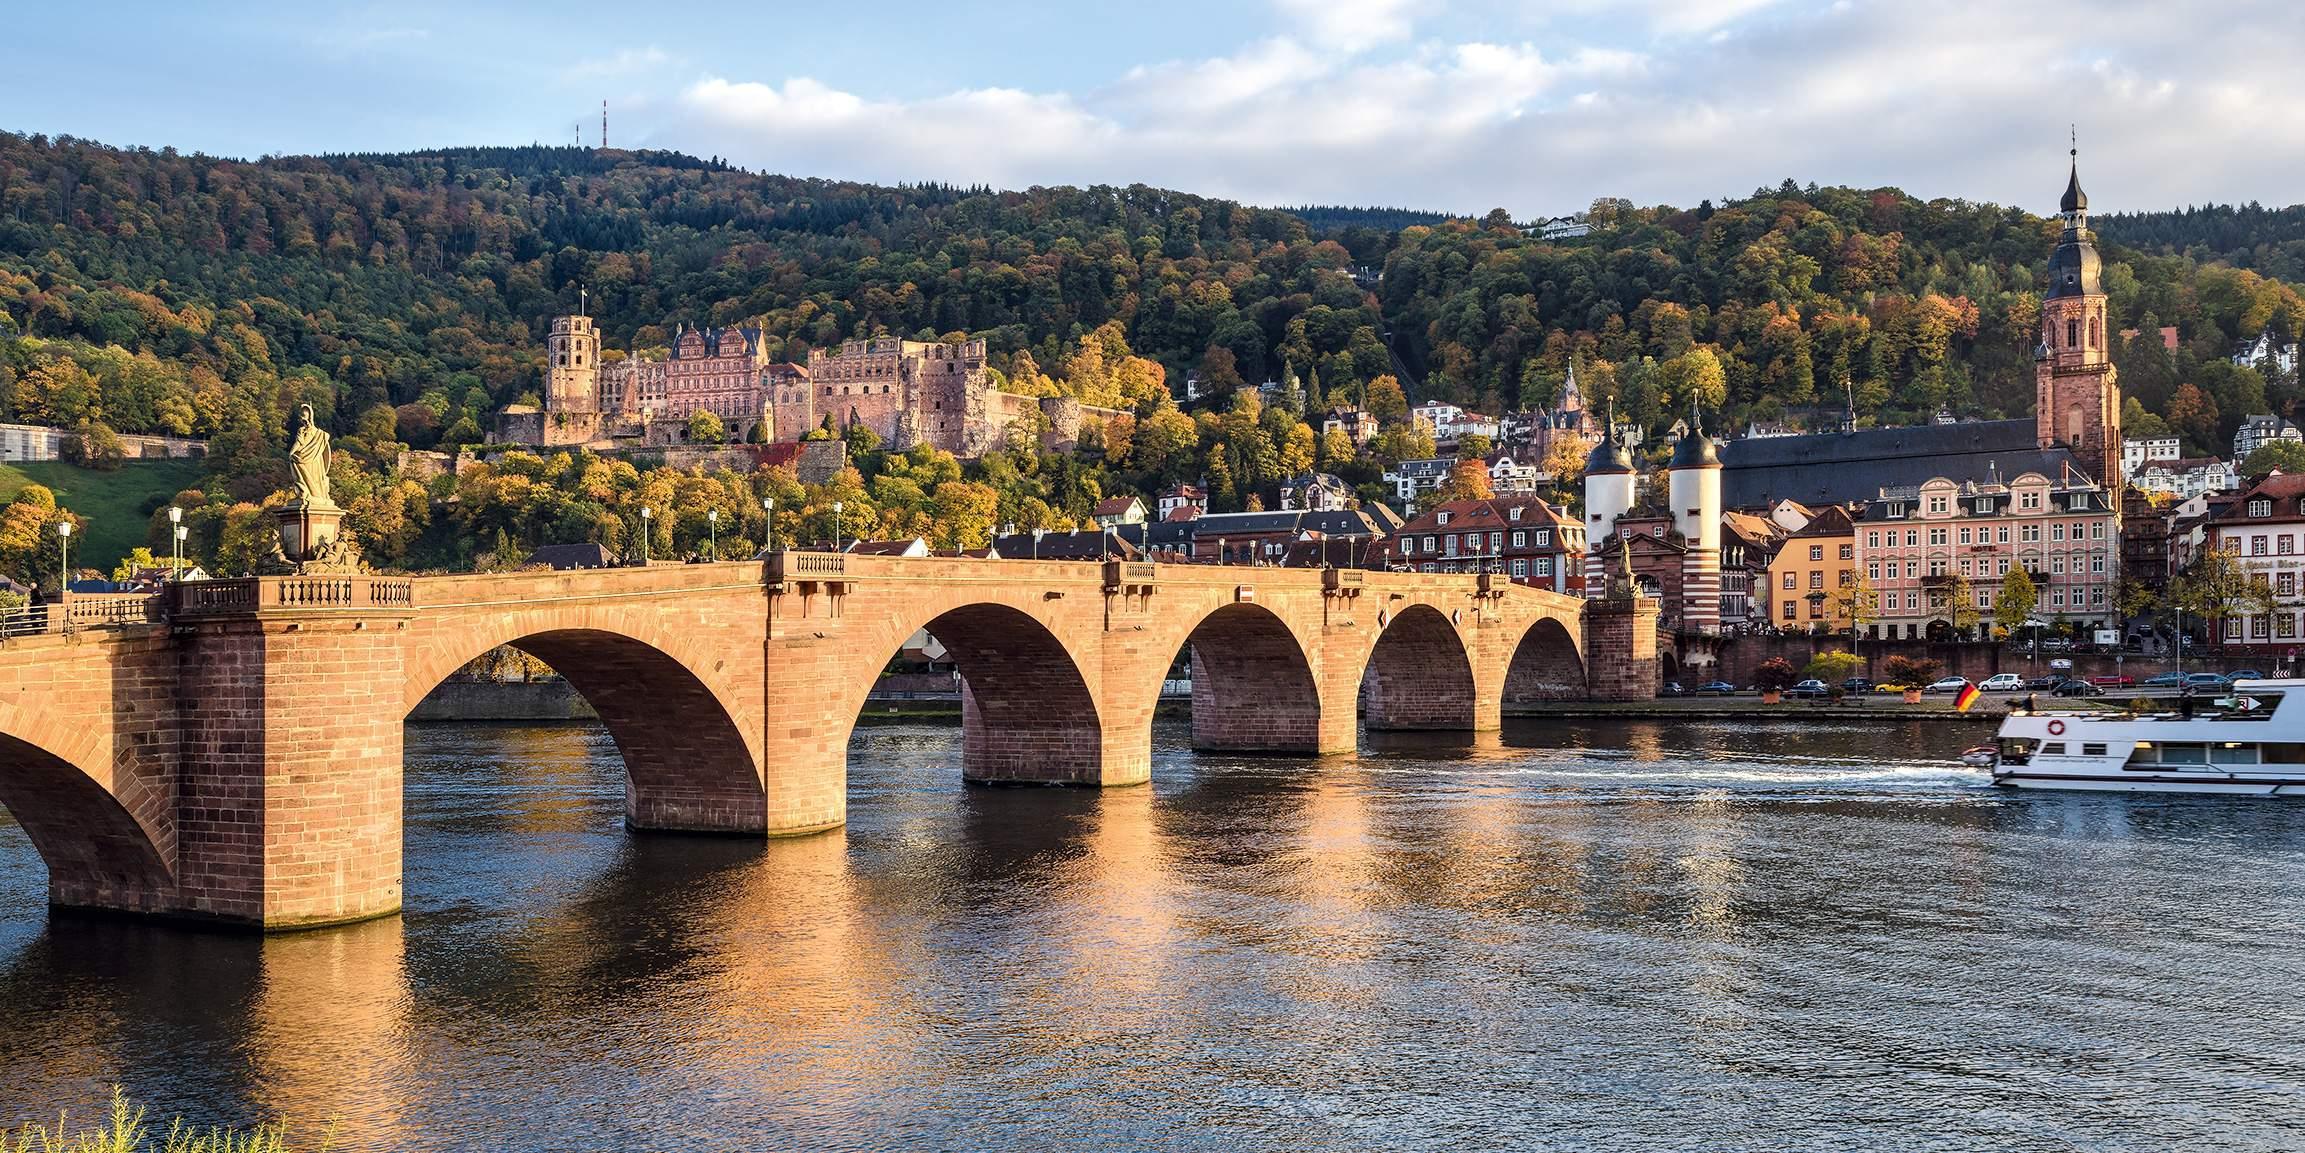 Ansicht von Schloss Heidelberg; Foto: Staatliche Schlösser und Gärten Baden-Württemberg, Günther Bayerl